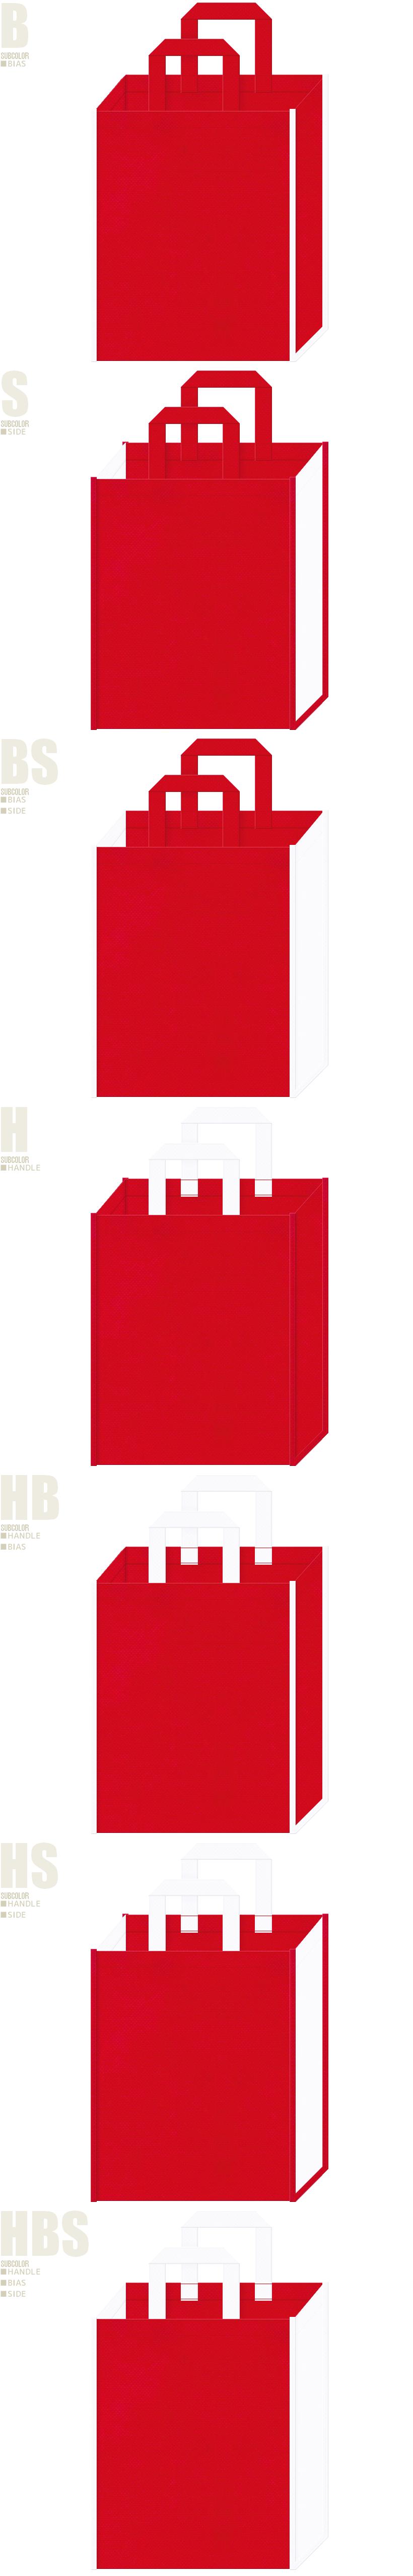 救急用品・消防団・献血・医療施設・病院・医療セミナー・婚礼・お誕生日・ショートケーキ・サンタクロース・クリスマスセールのショッピングバッグにお奨めの不織布バッグデザイン:紅色と白色の配色7パターン